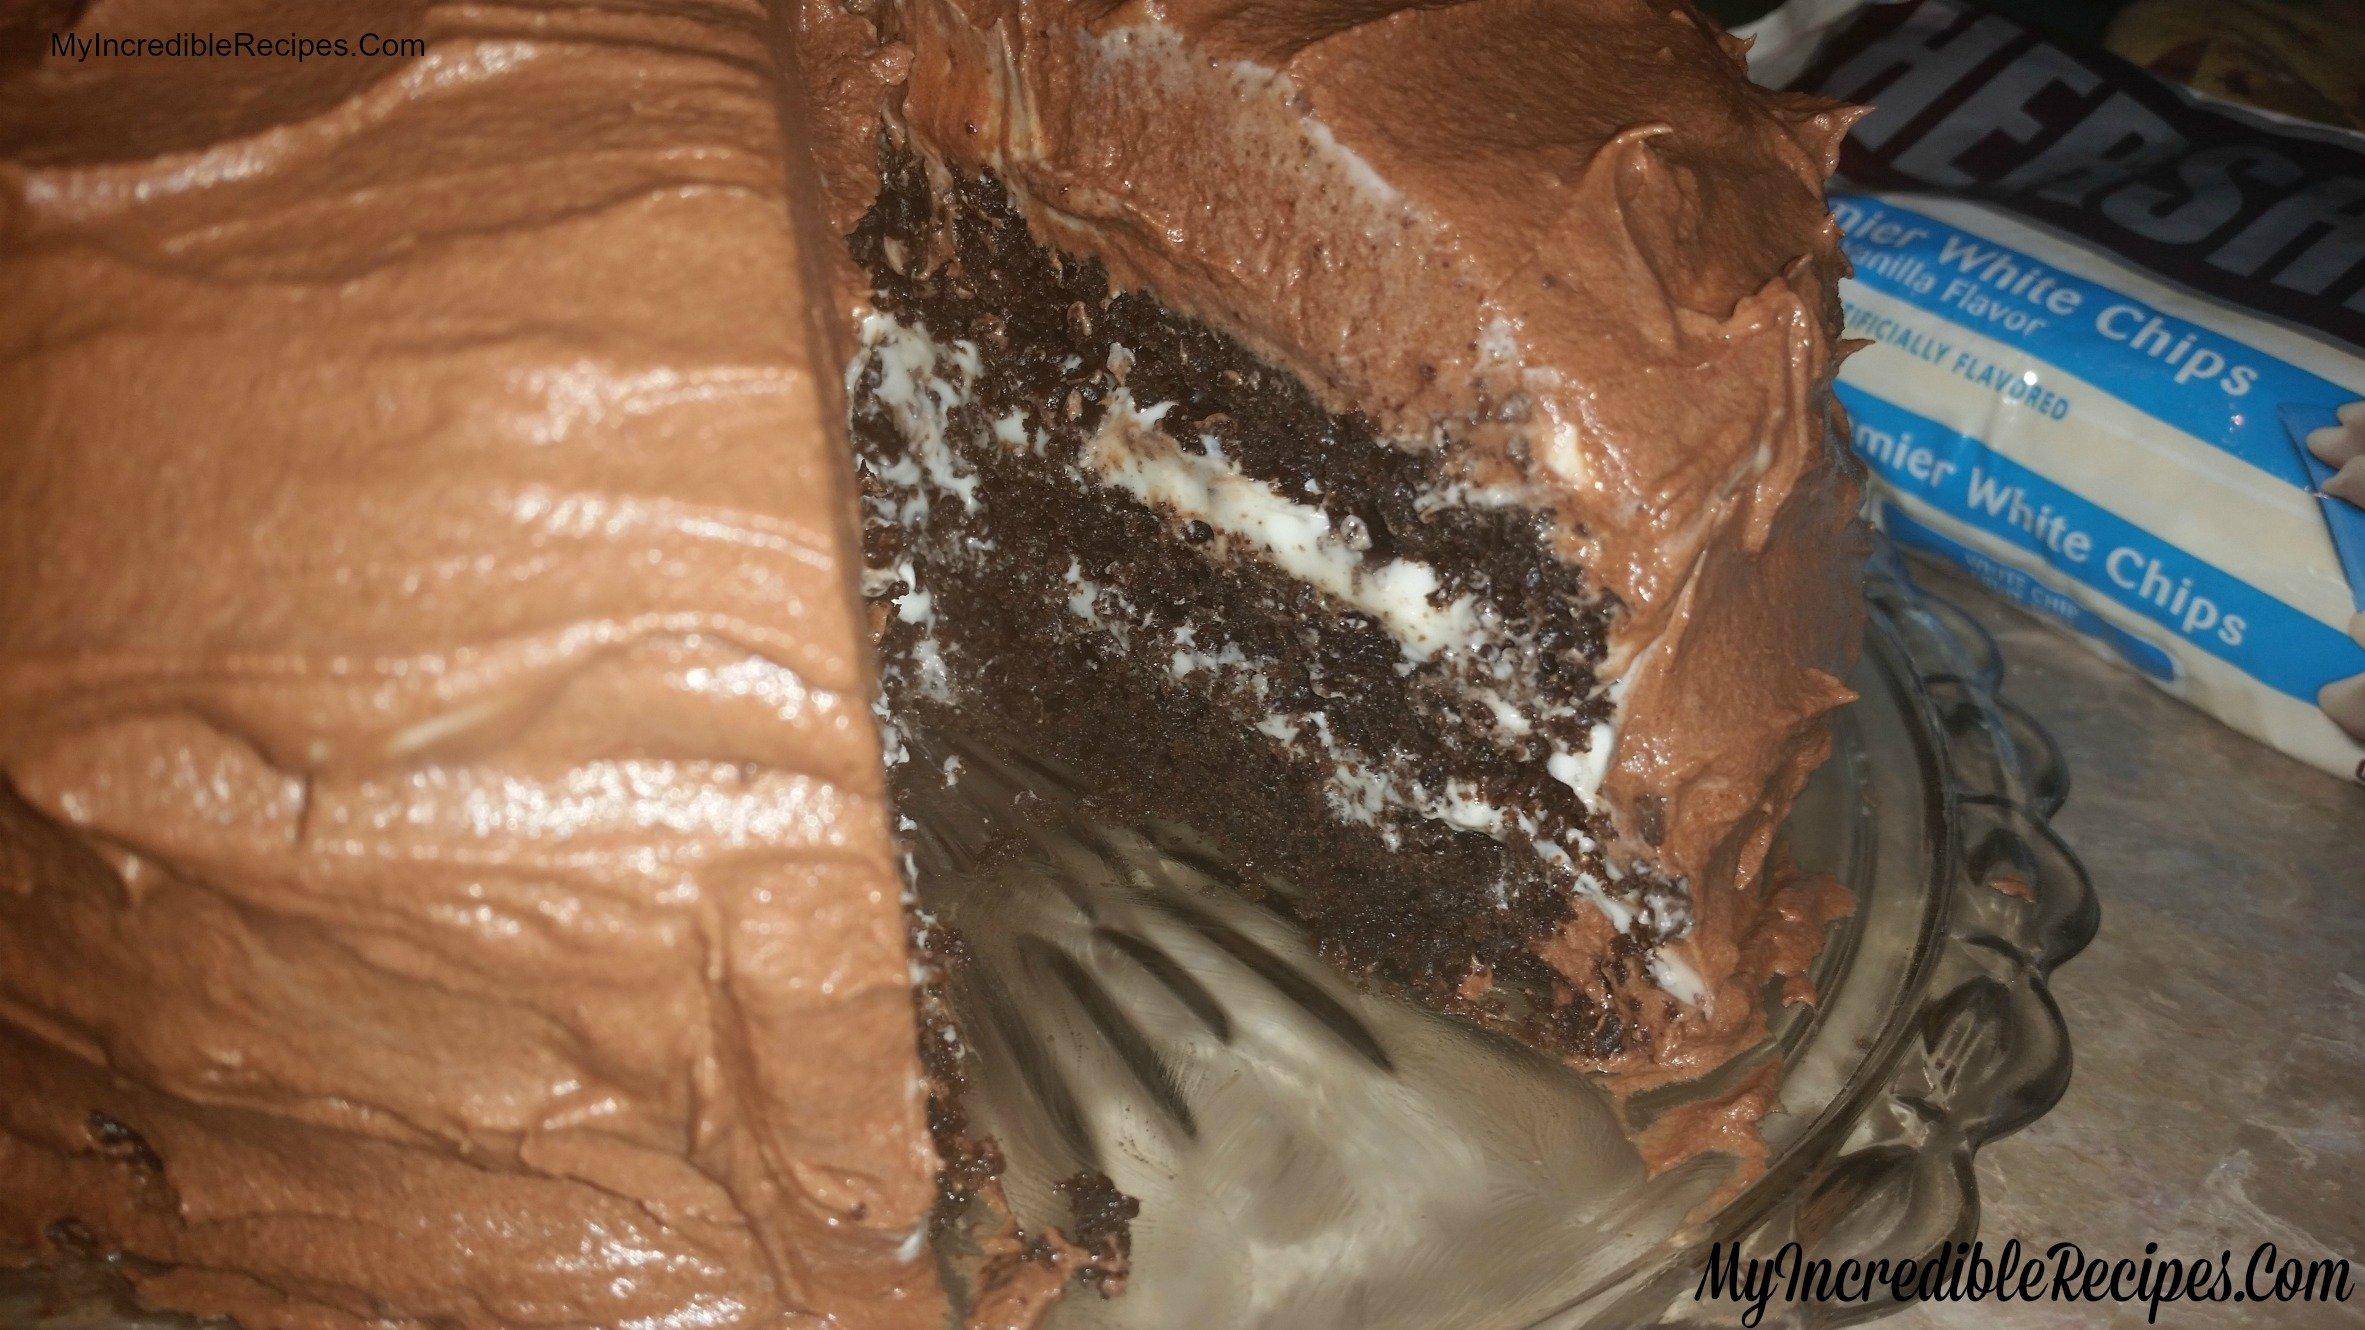 Hersheys Chocolate Cake with Cream Cheese Filling & Chocolate ...